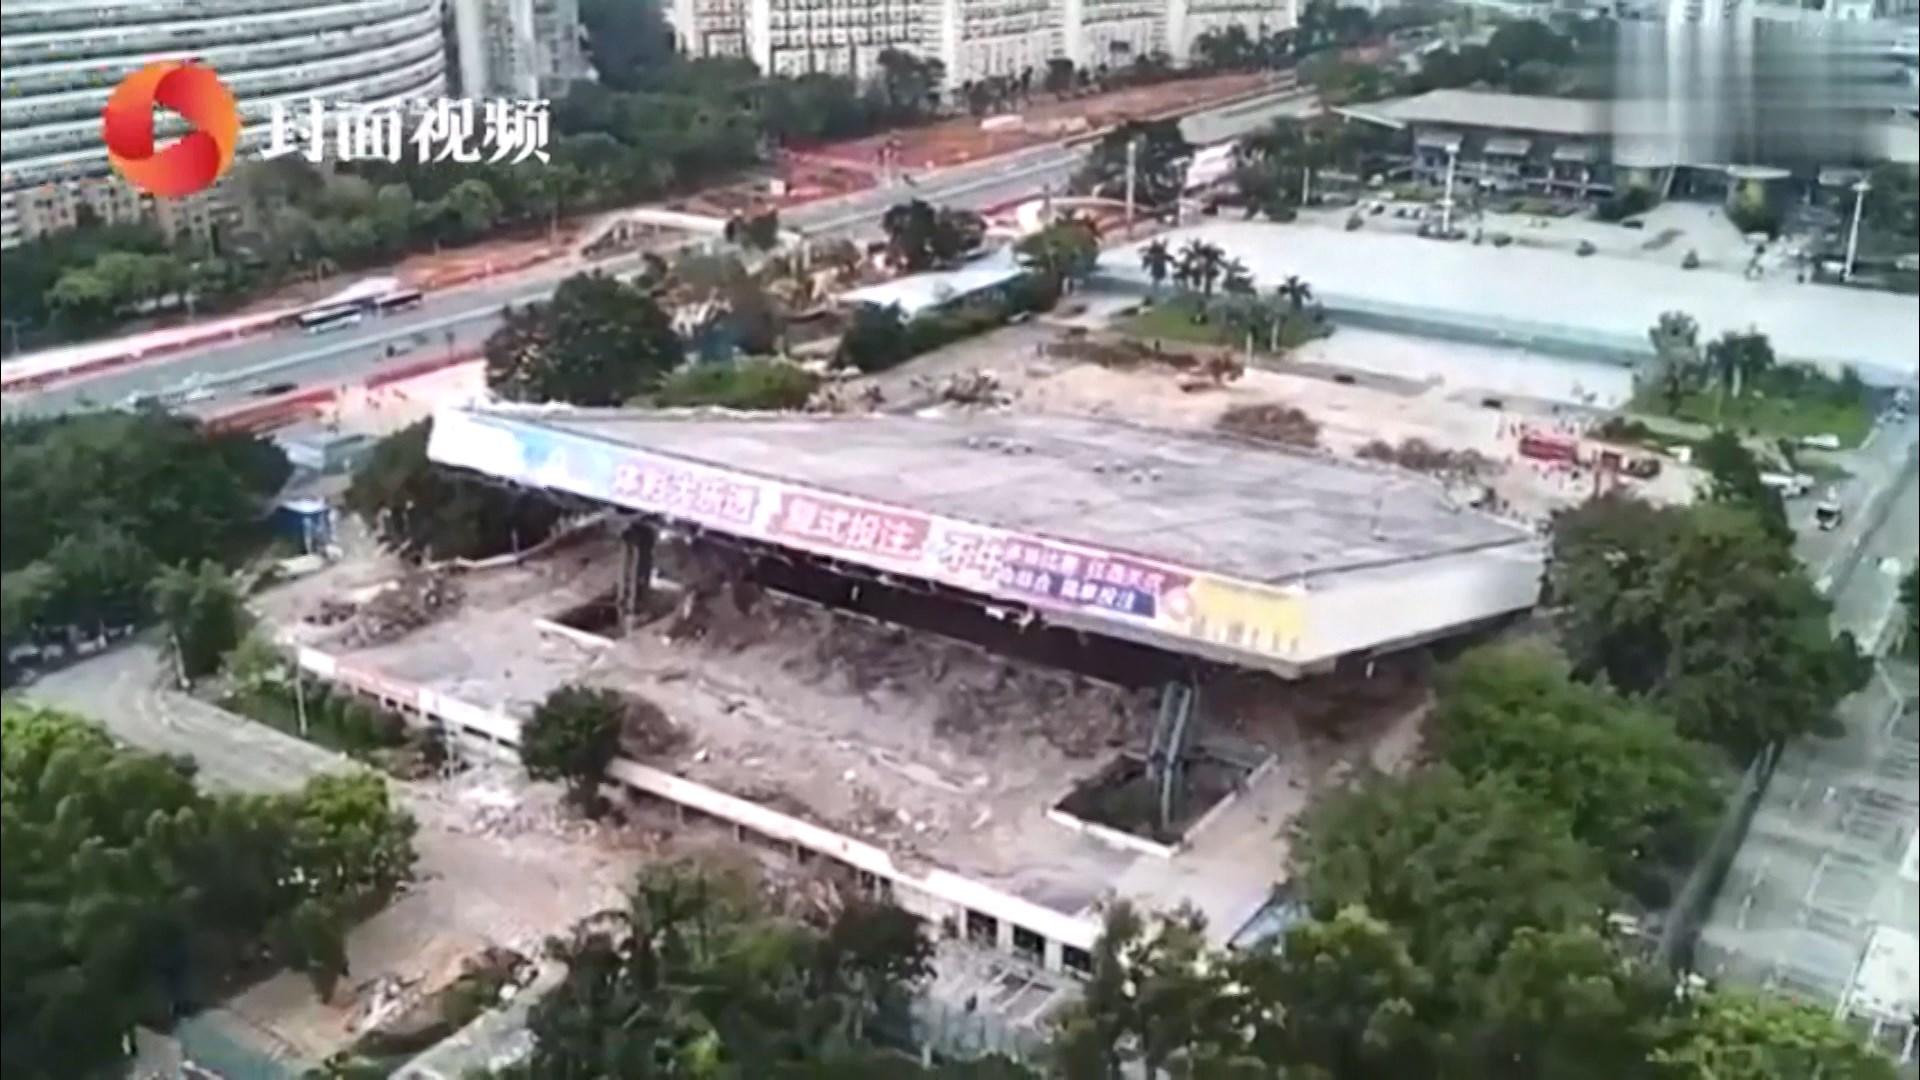 深圳體育中心拆卸時倒塌一人死亡